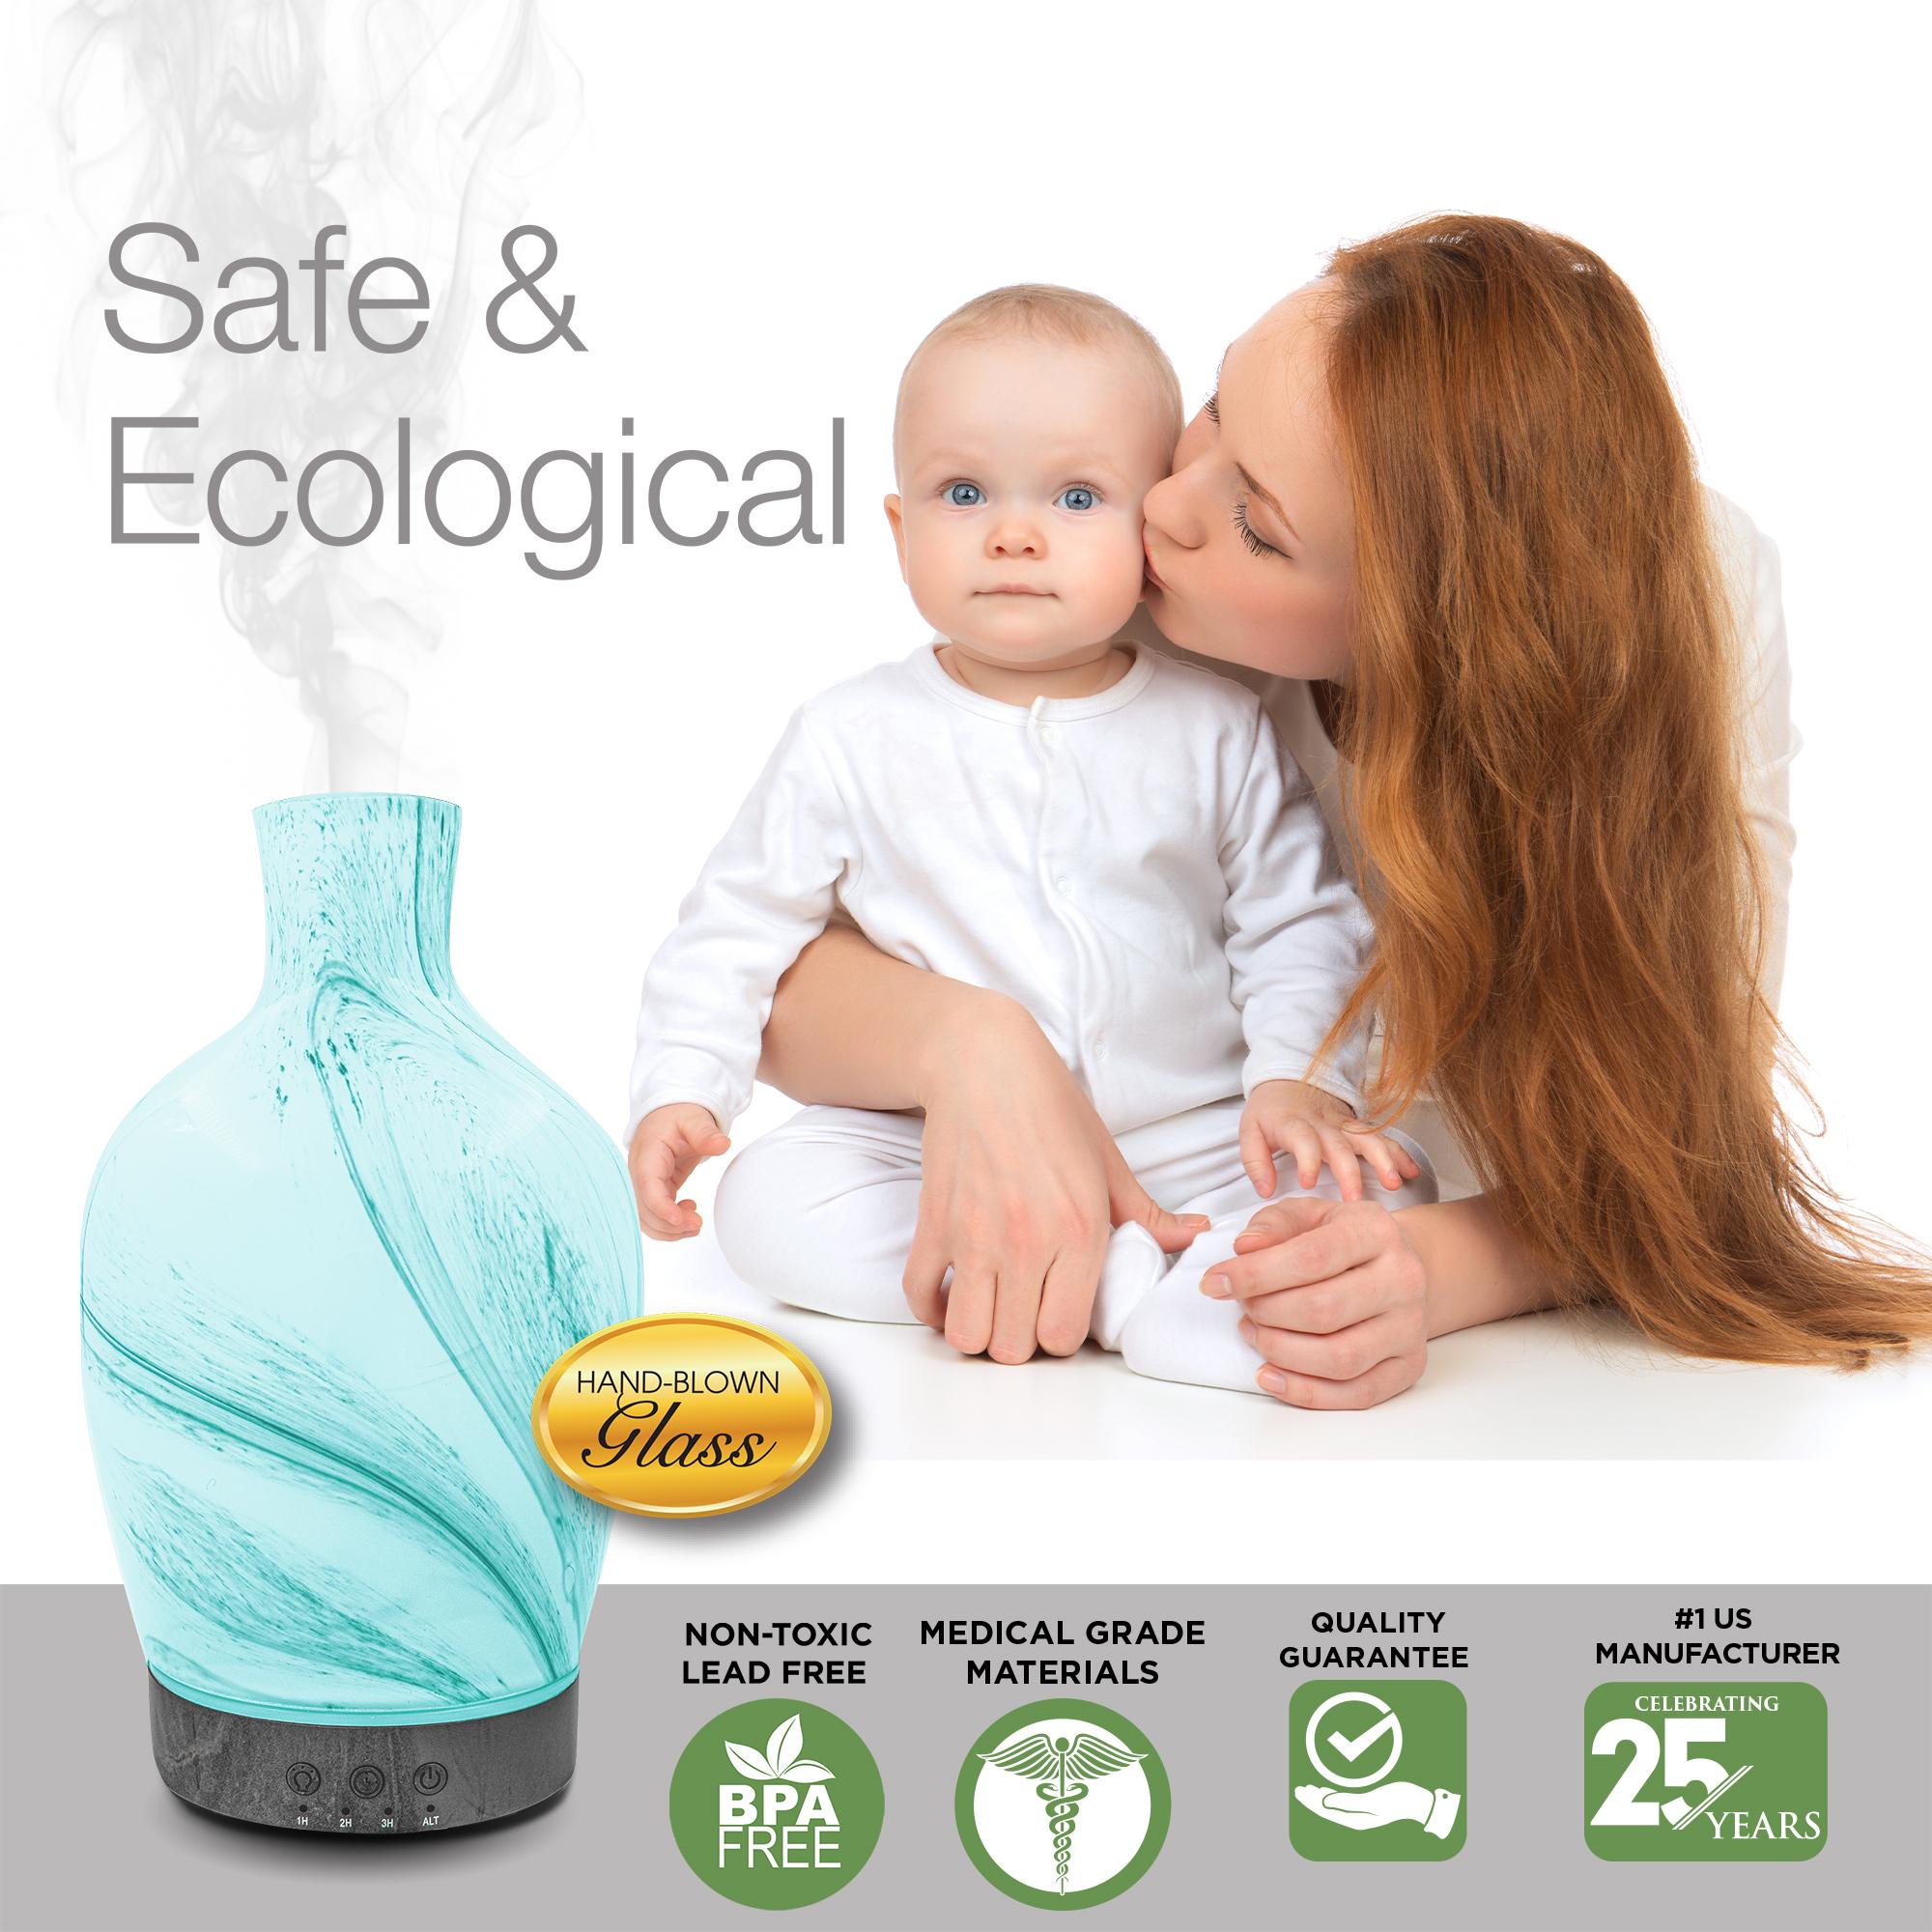 carrara-safe-eco-friendly.jpg